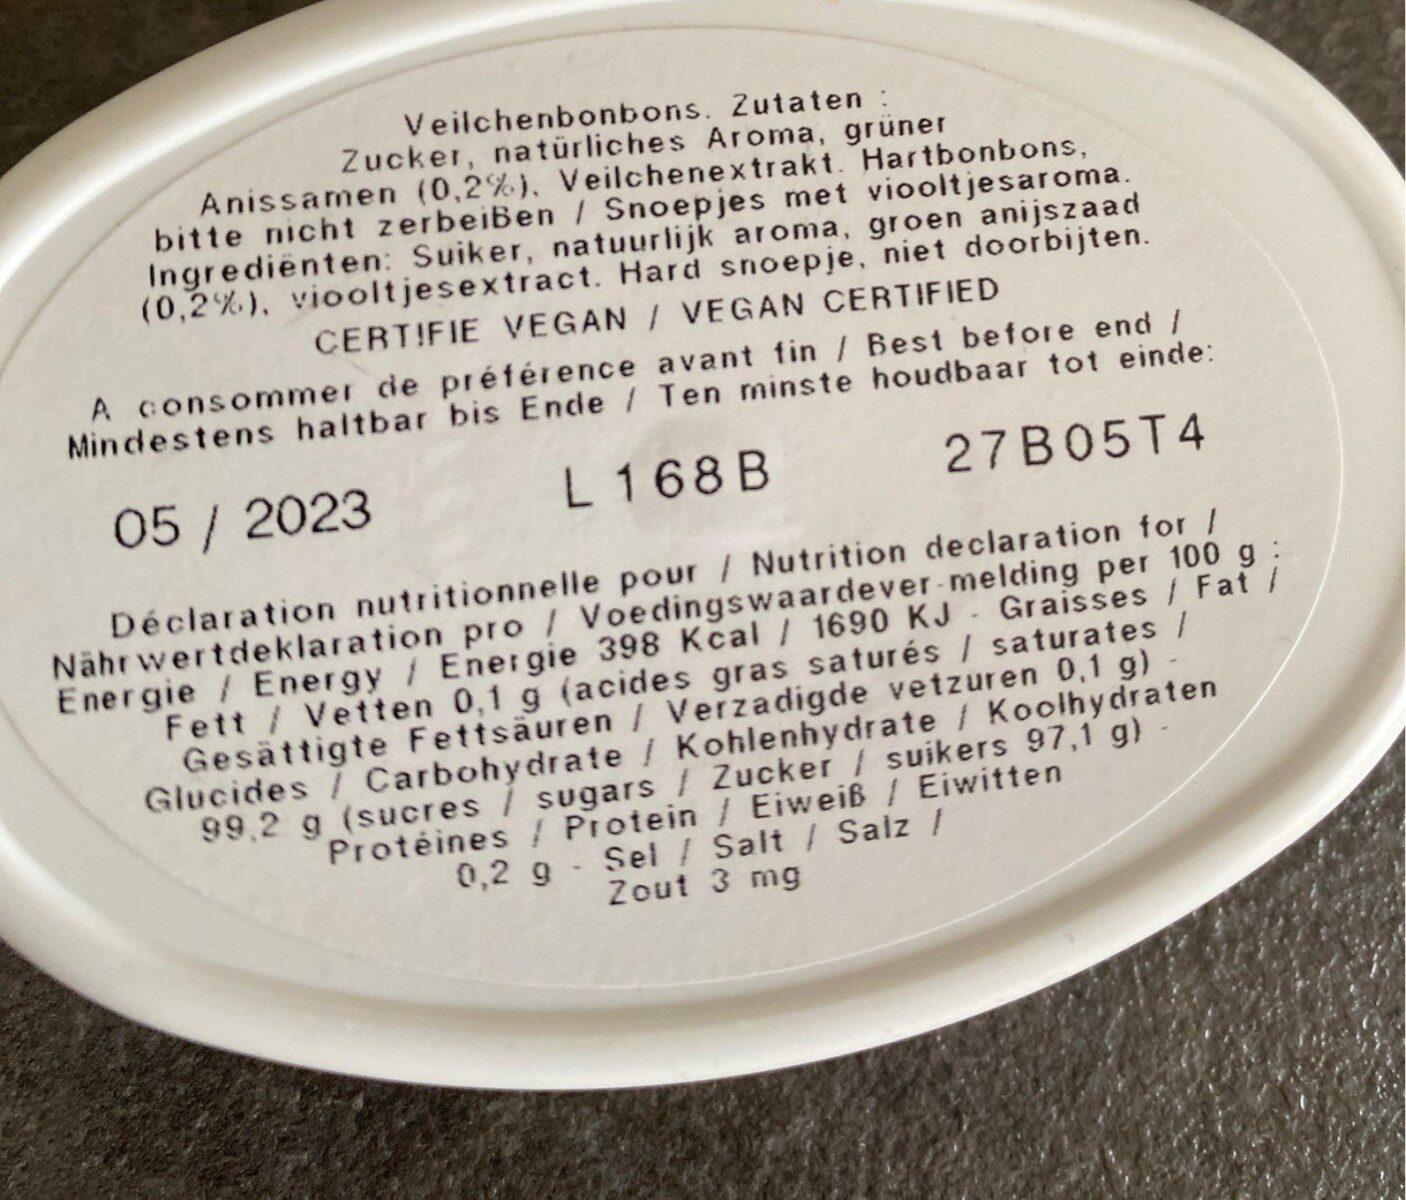 Les anis de Flavigny violette - Nutrition facts - fr